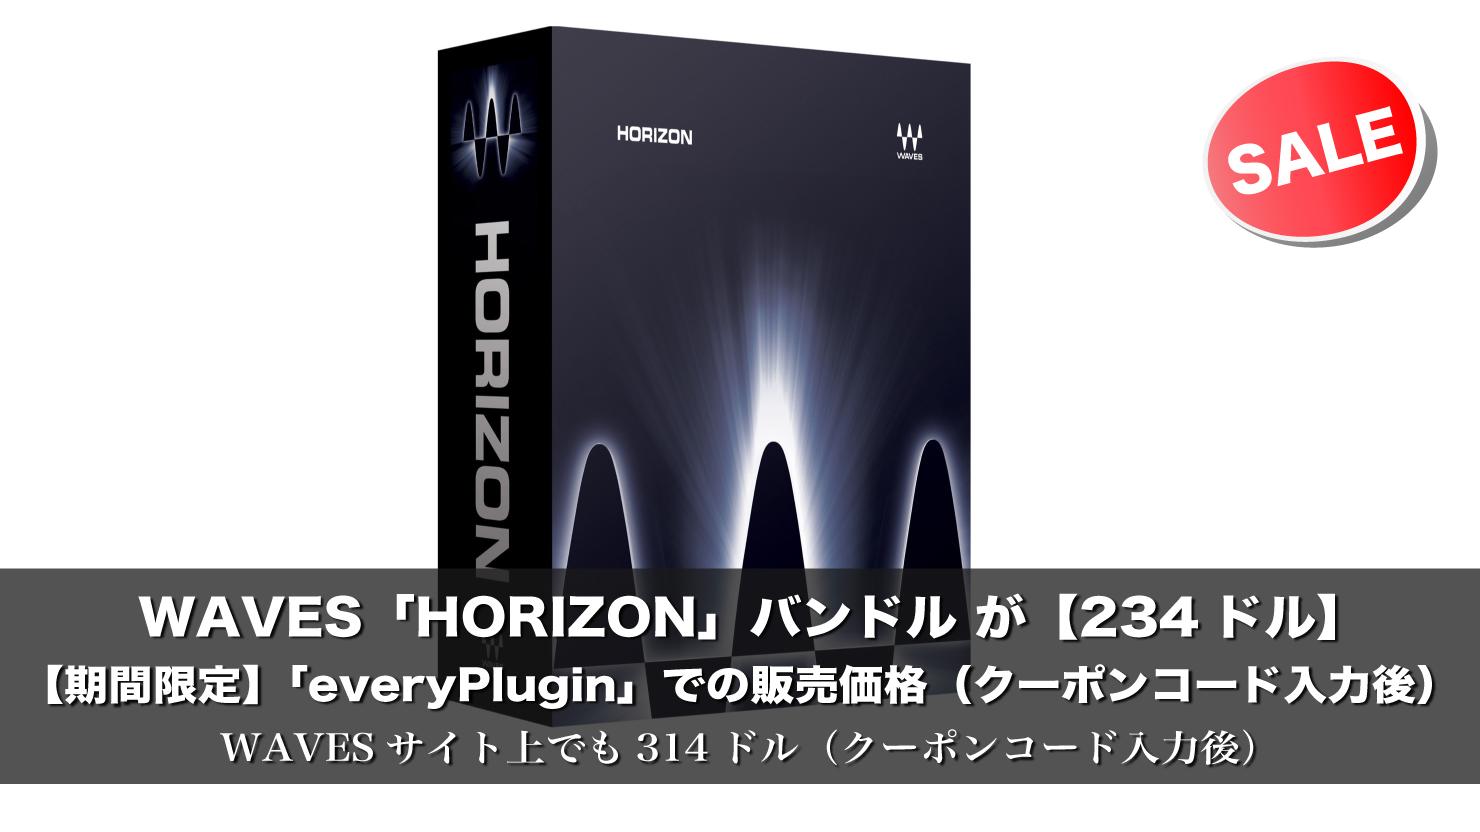 【最安値 234ドル!】WAVES ブラックフライデー2017「Horizon」バンドルが大セール!